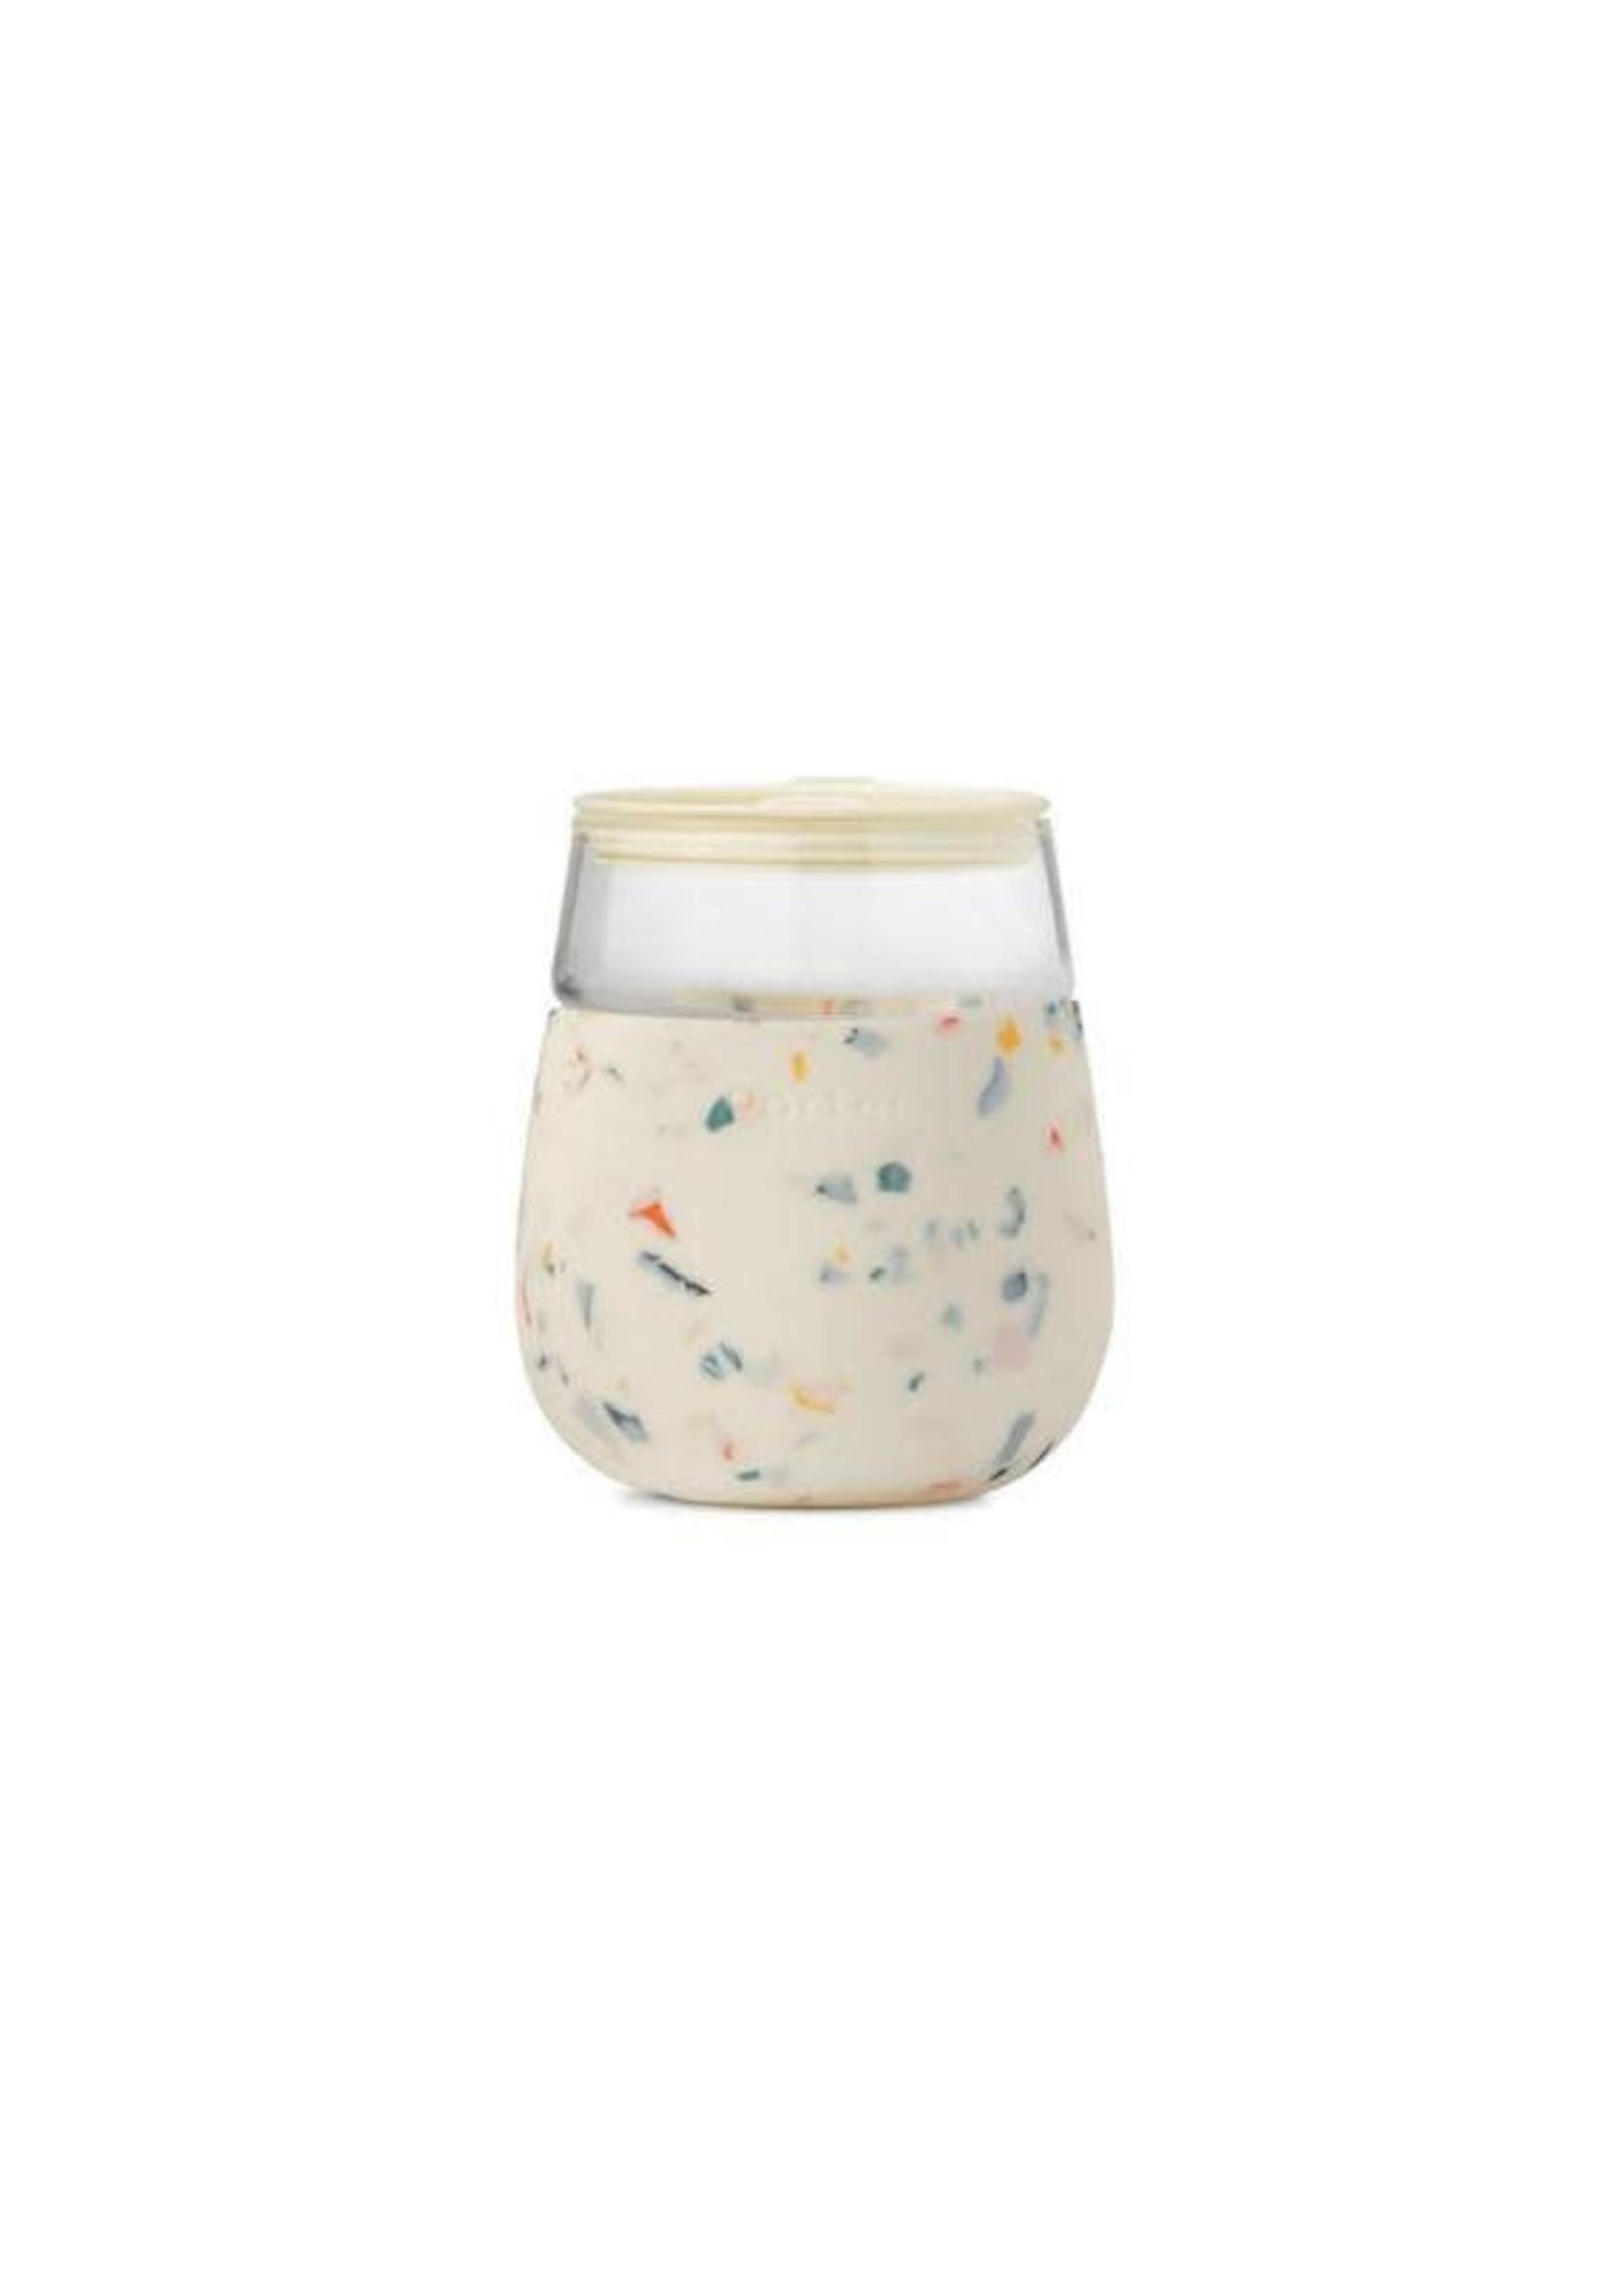 W&P W&P GLASS CUP - CREAM TERRAZZO